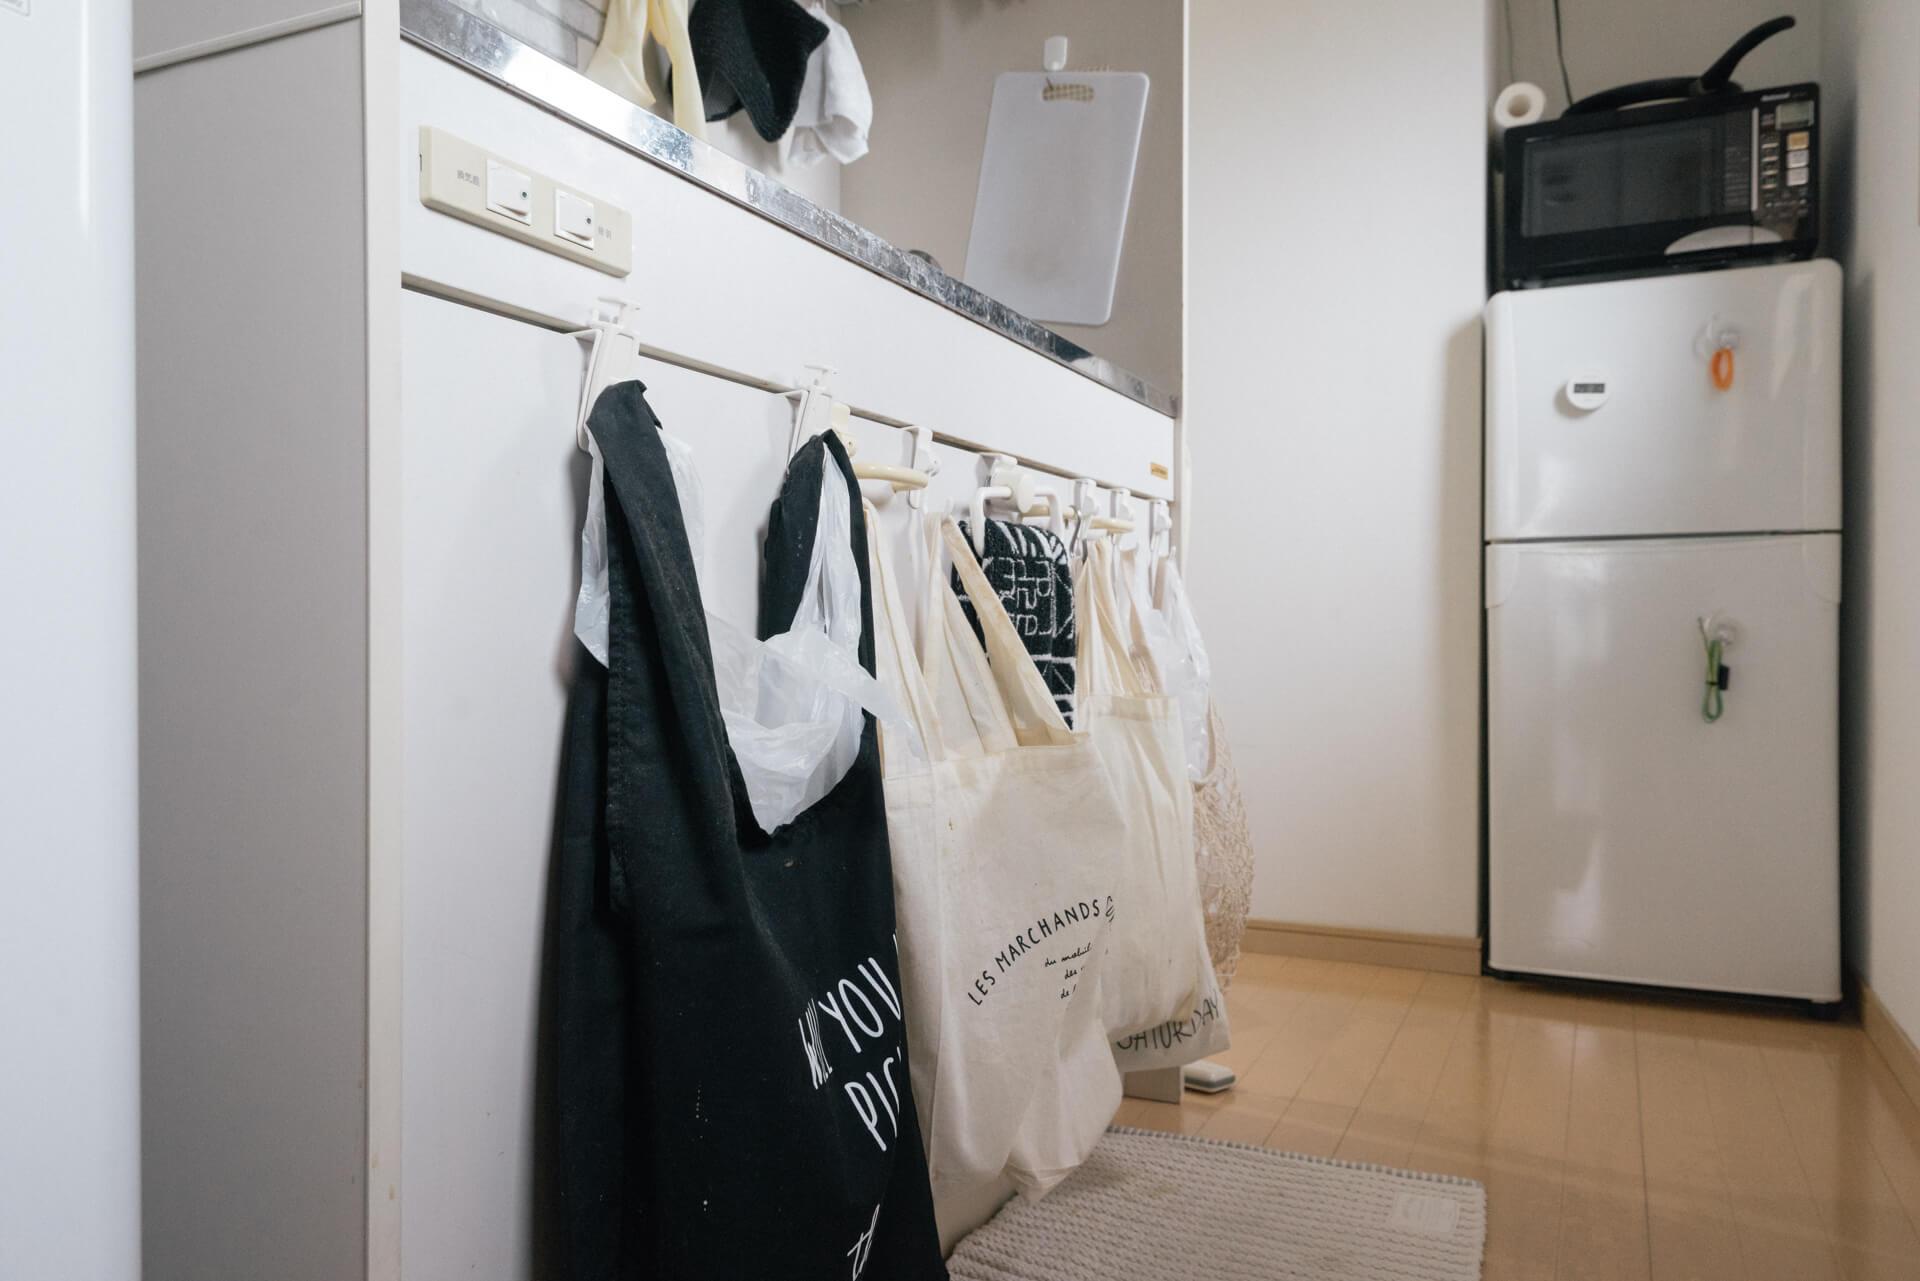 場所をとるゴミ箱は床におかず、戸棚に引っ掛けた袋で分類。これは真似したい。